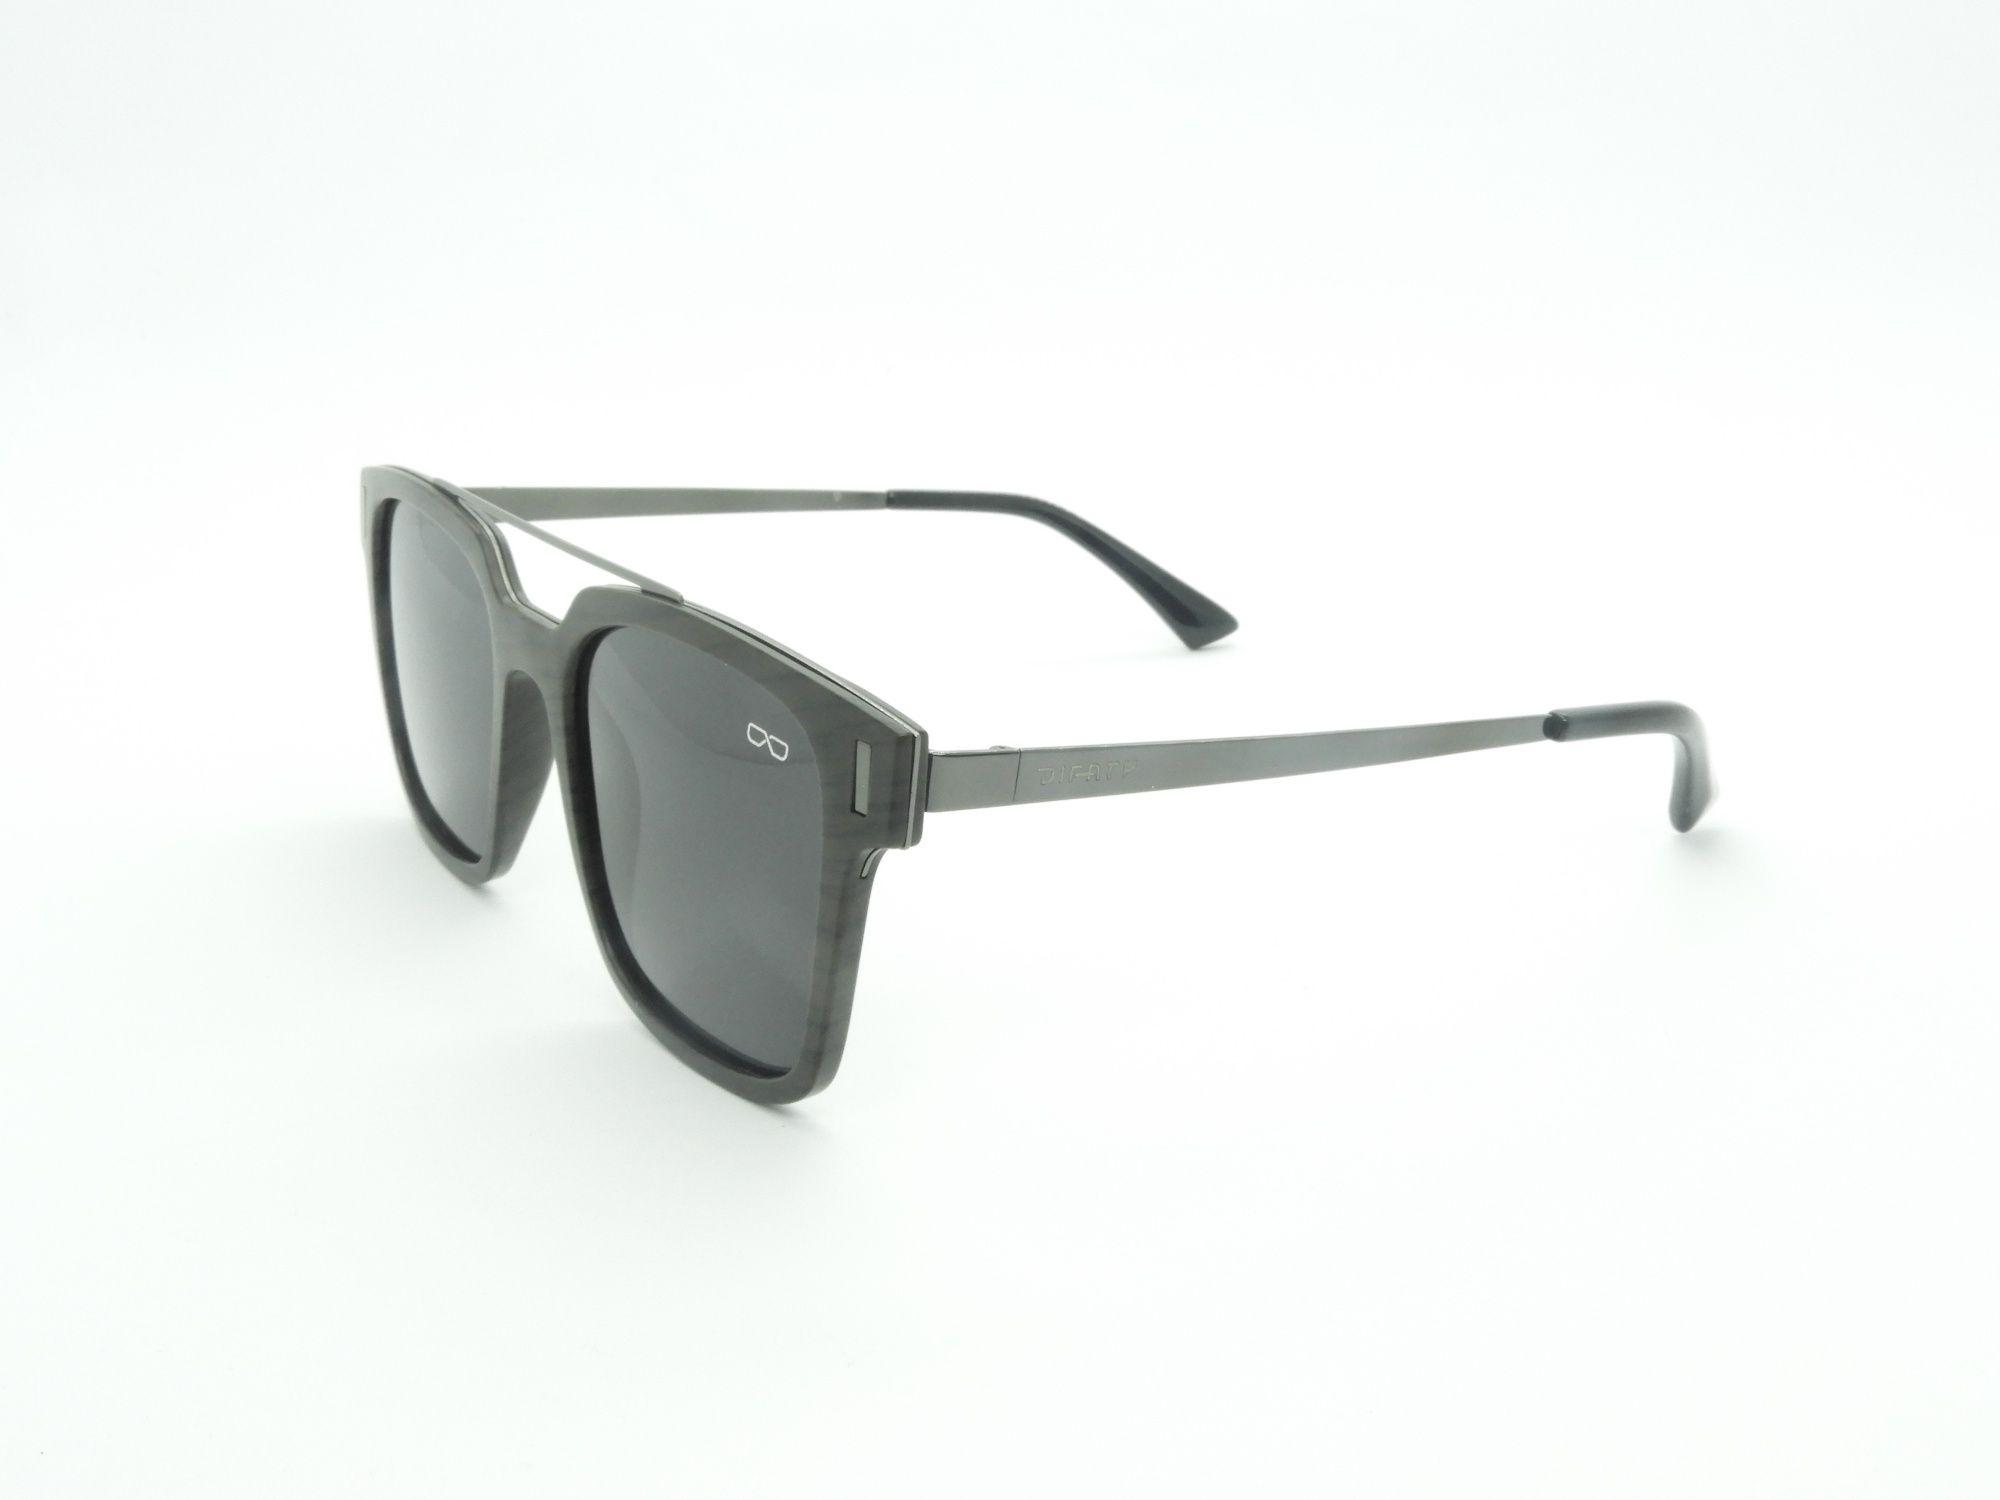 Óculos de Sol B090 marrom